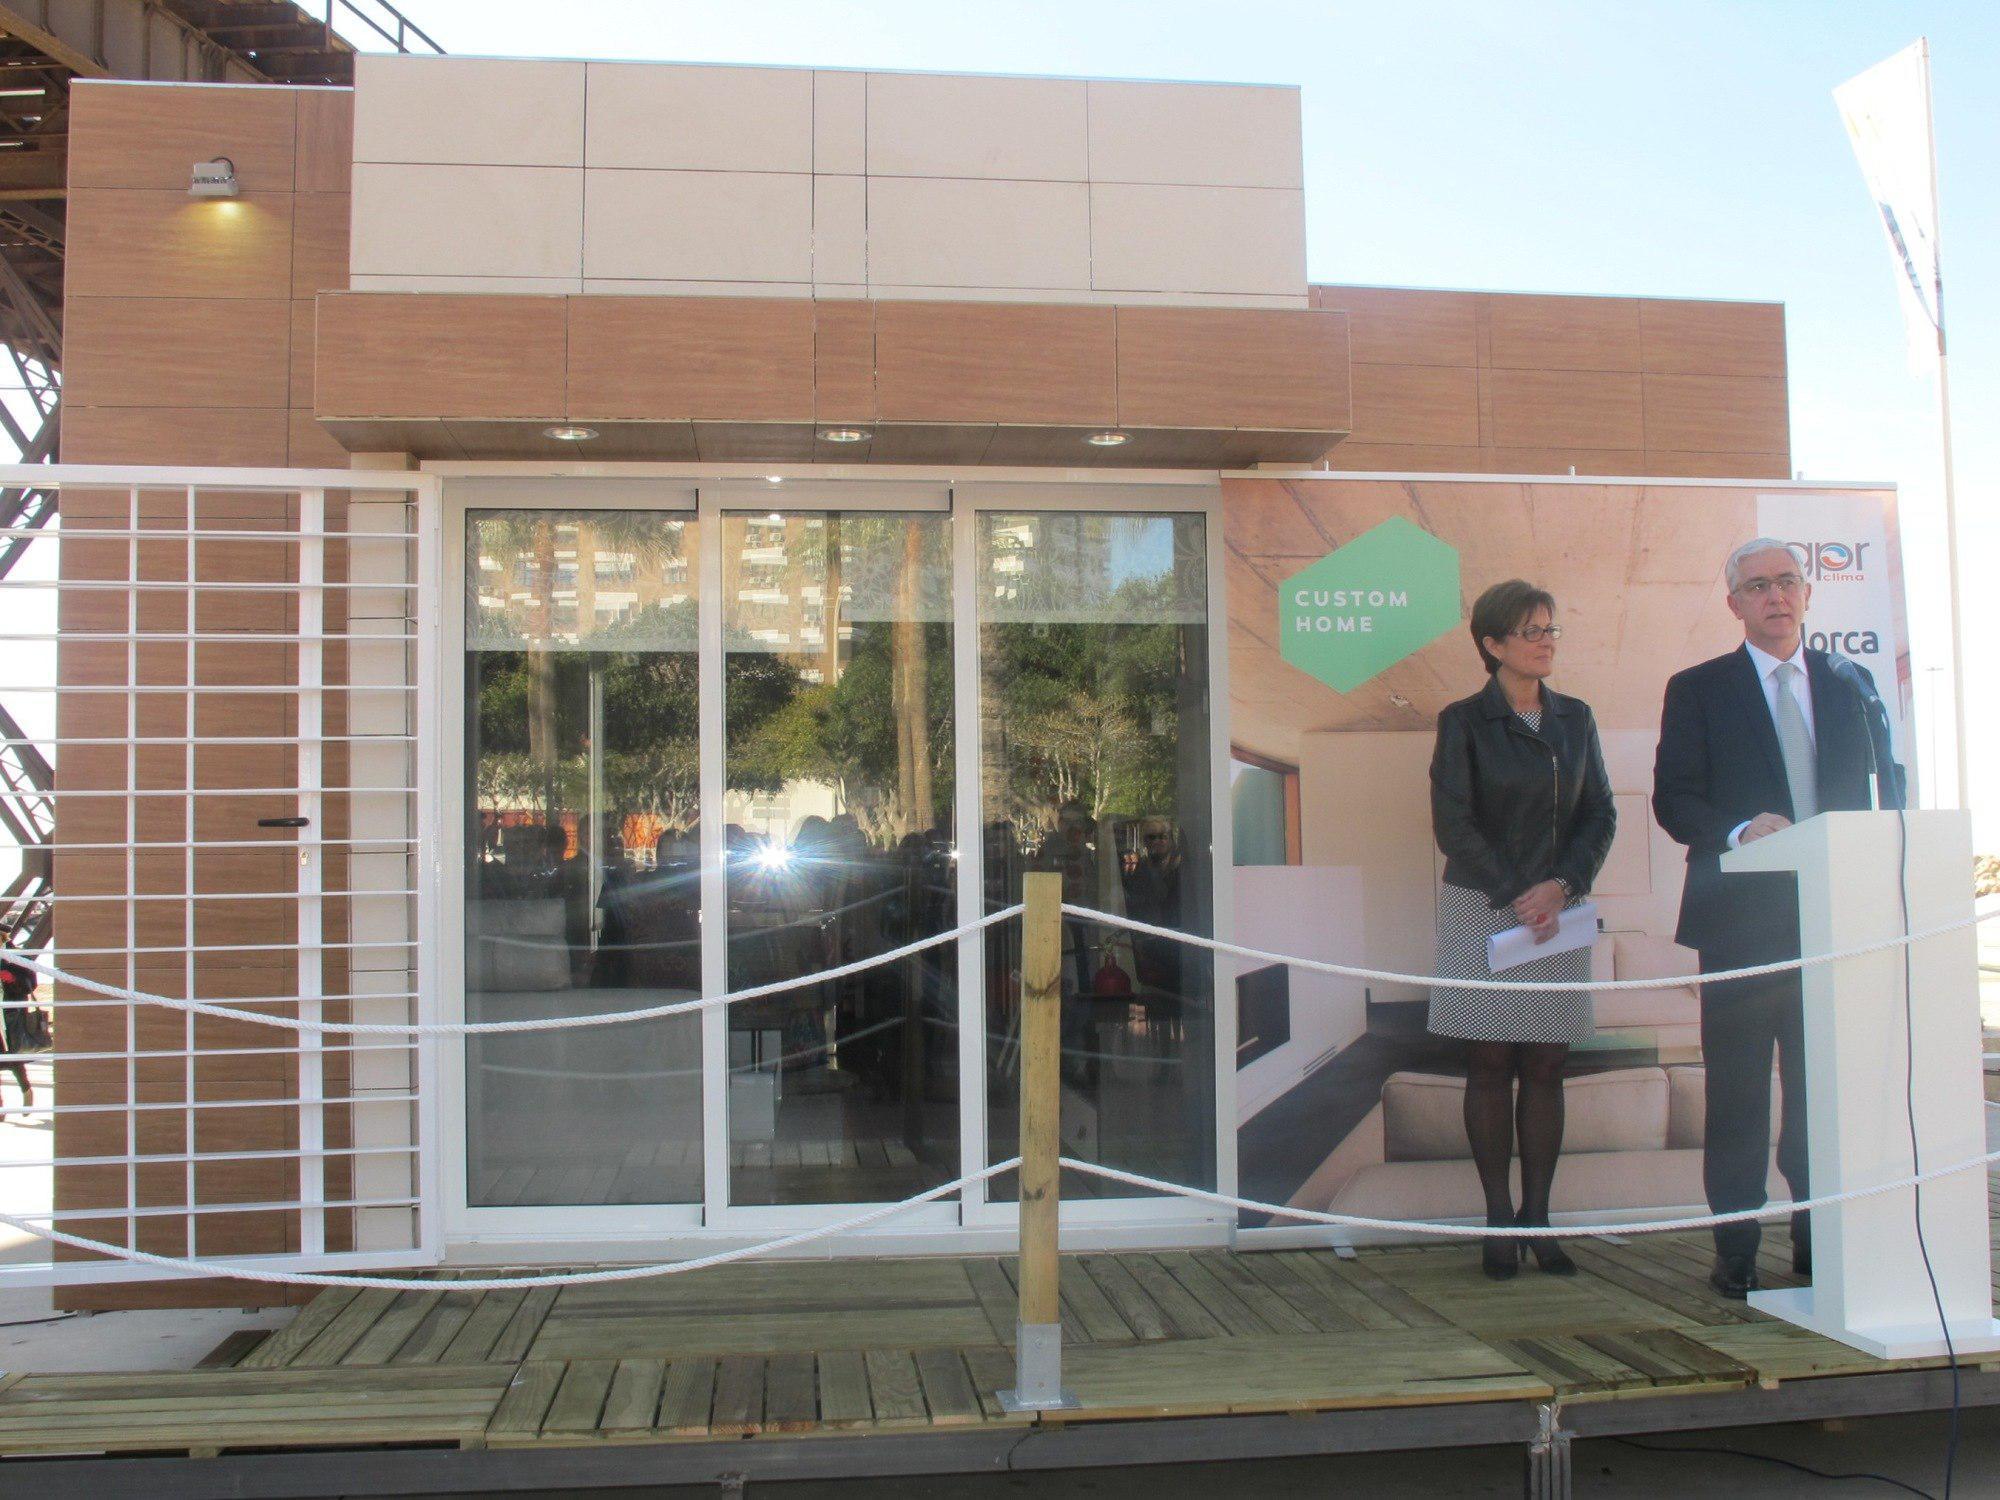 La empresa almeriense Custom Home ha presentado su línea de casas ...